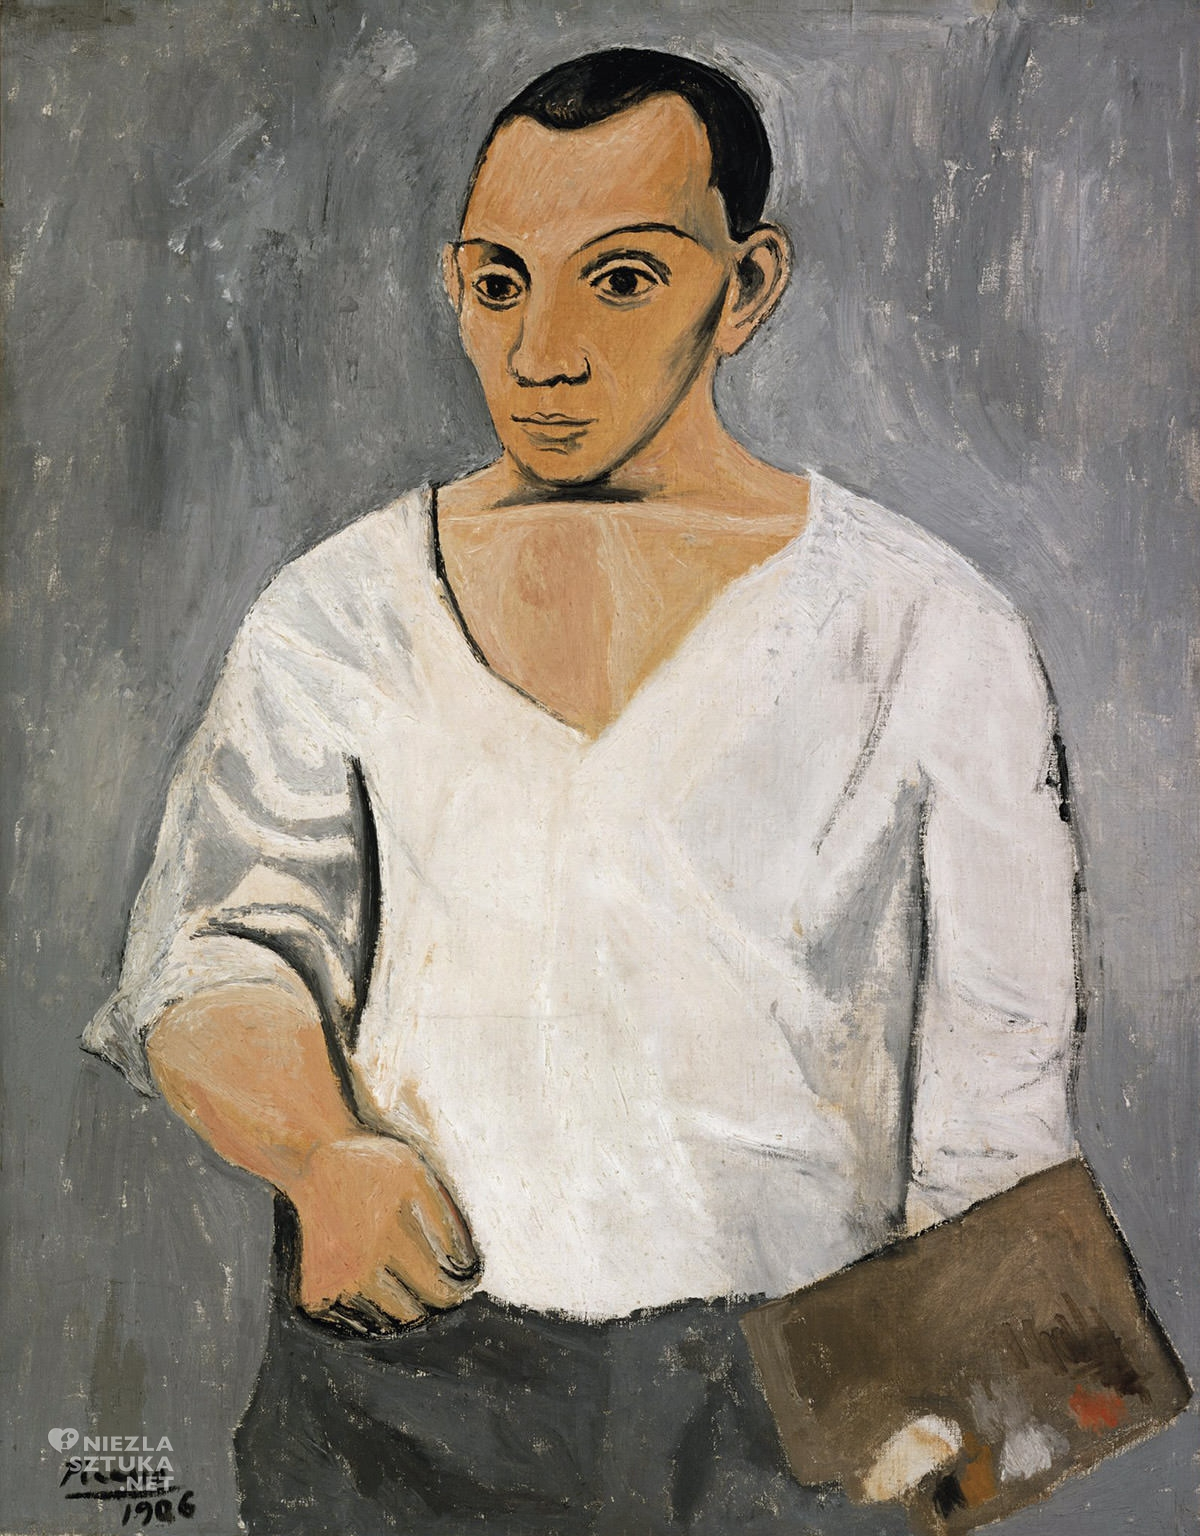 Pablo Picasso, Autoportret z paletą, Niezła sztuka